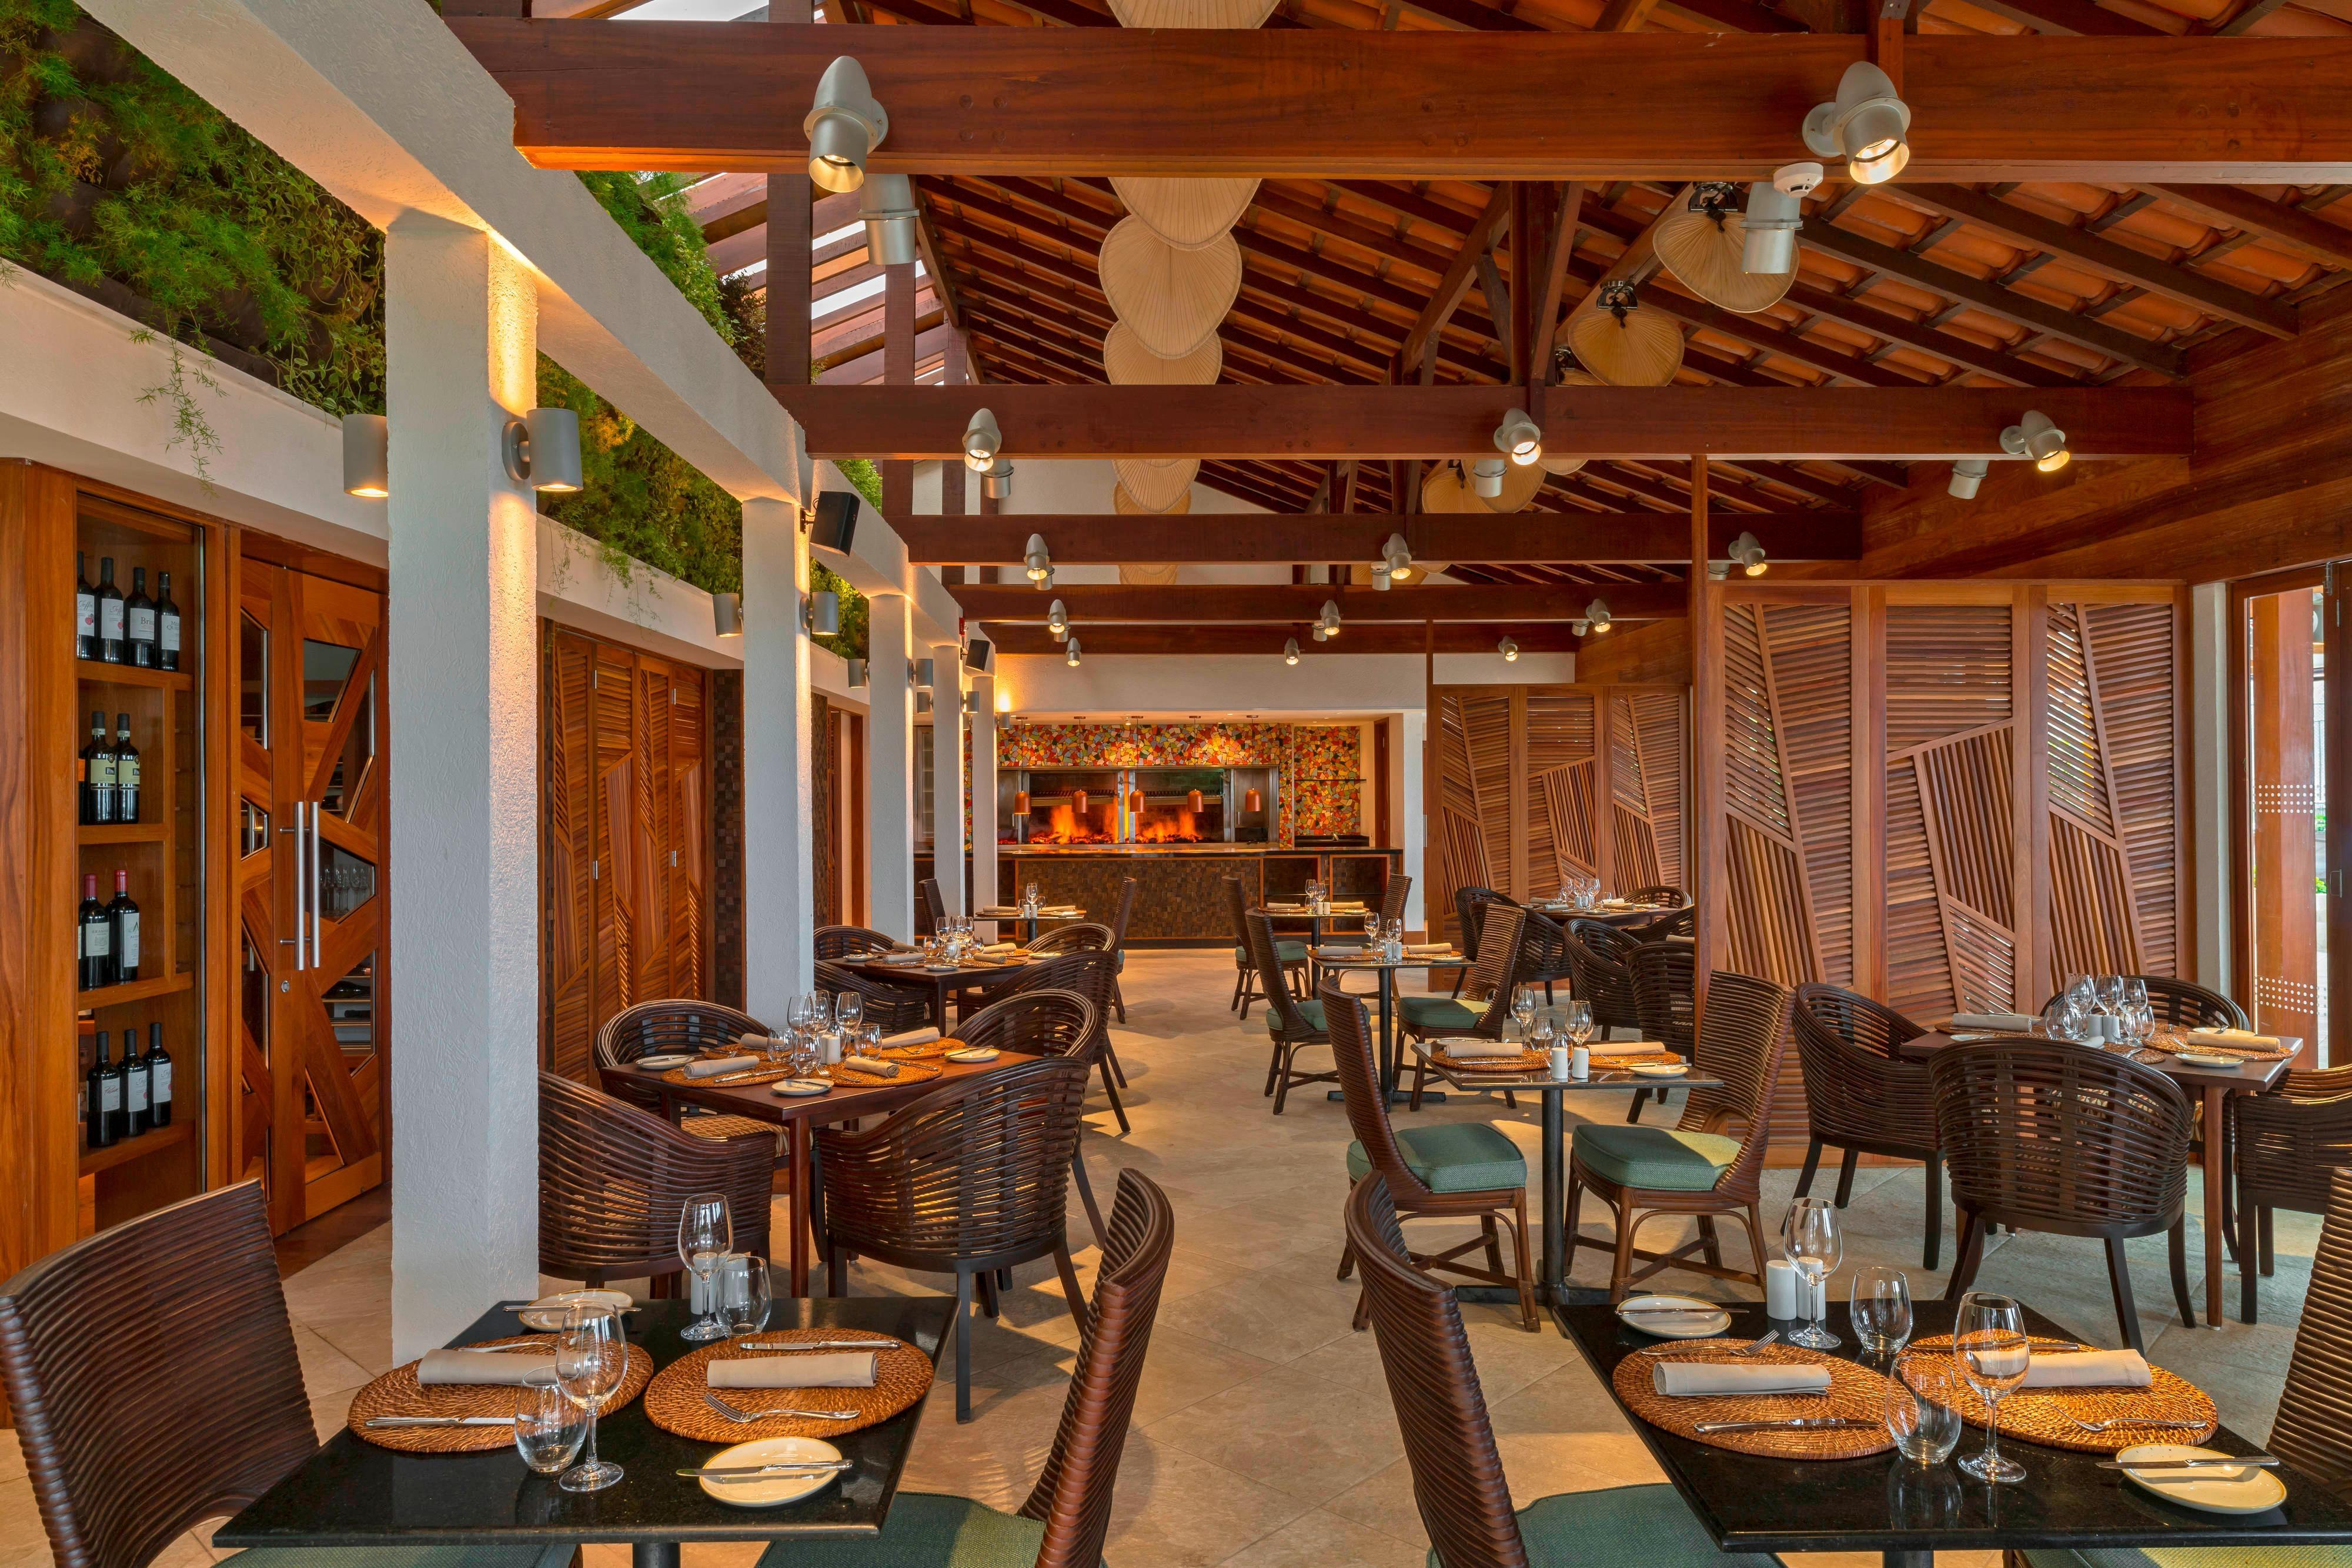 Restaurante churrascaria Casarão